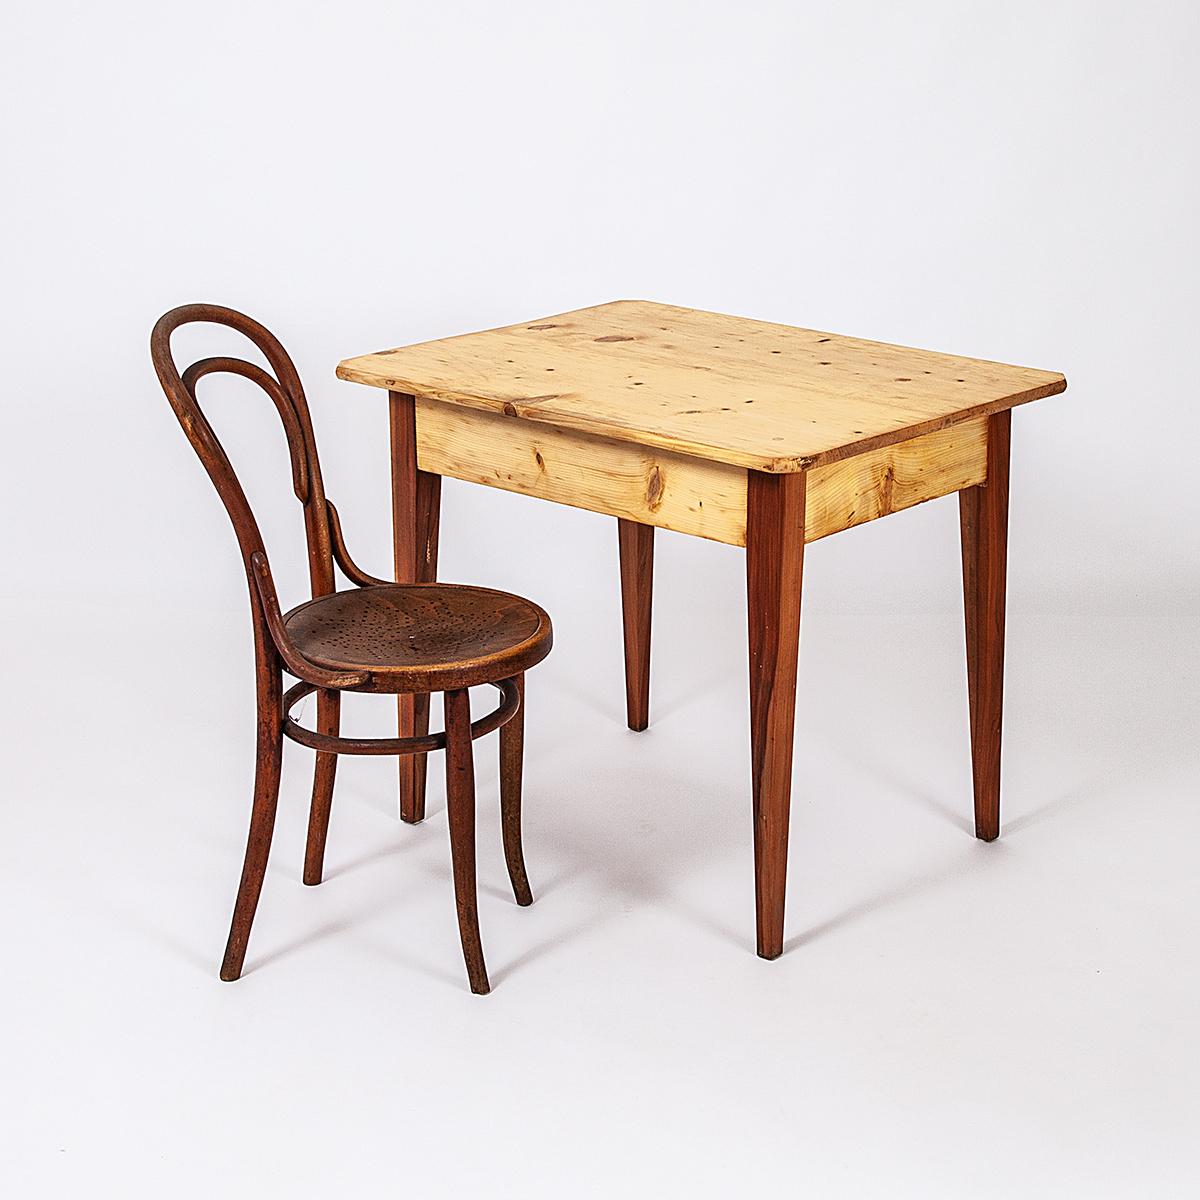 Kleiner Tisch Mit Schublade Mobel Zurich Vintagemobel